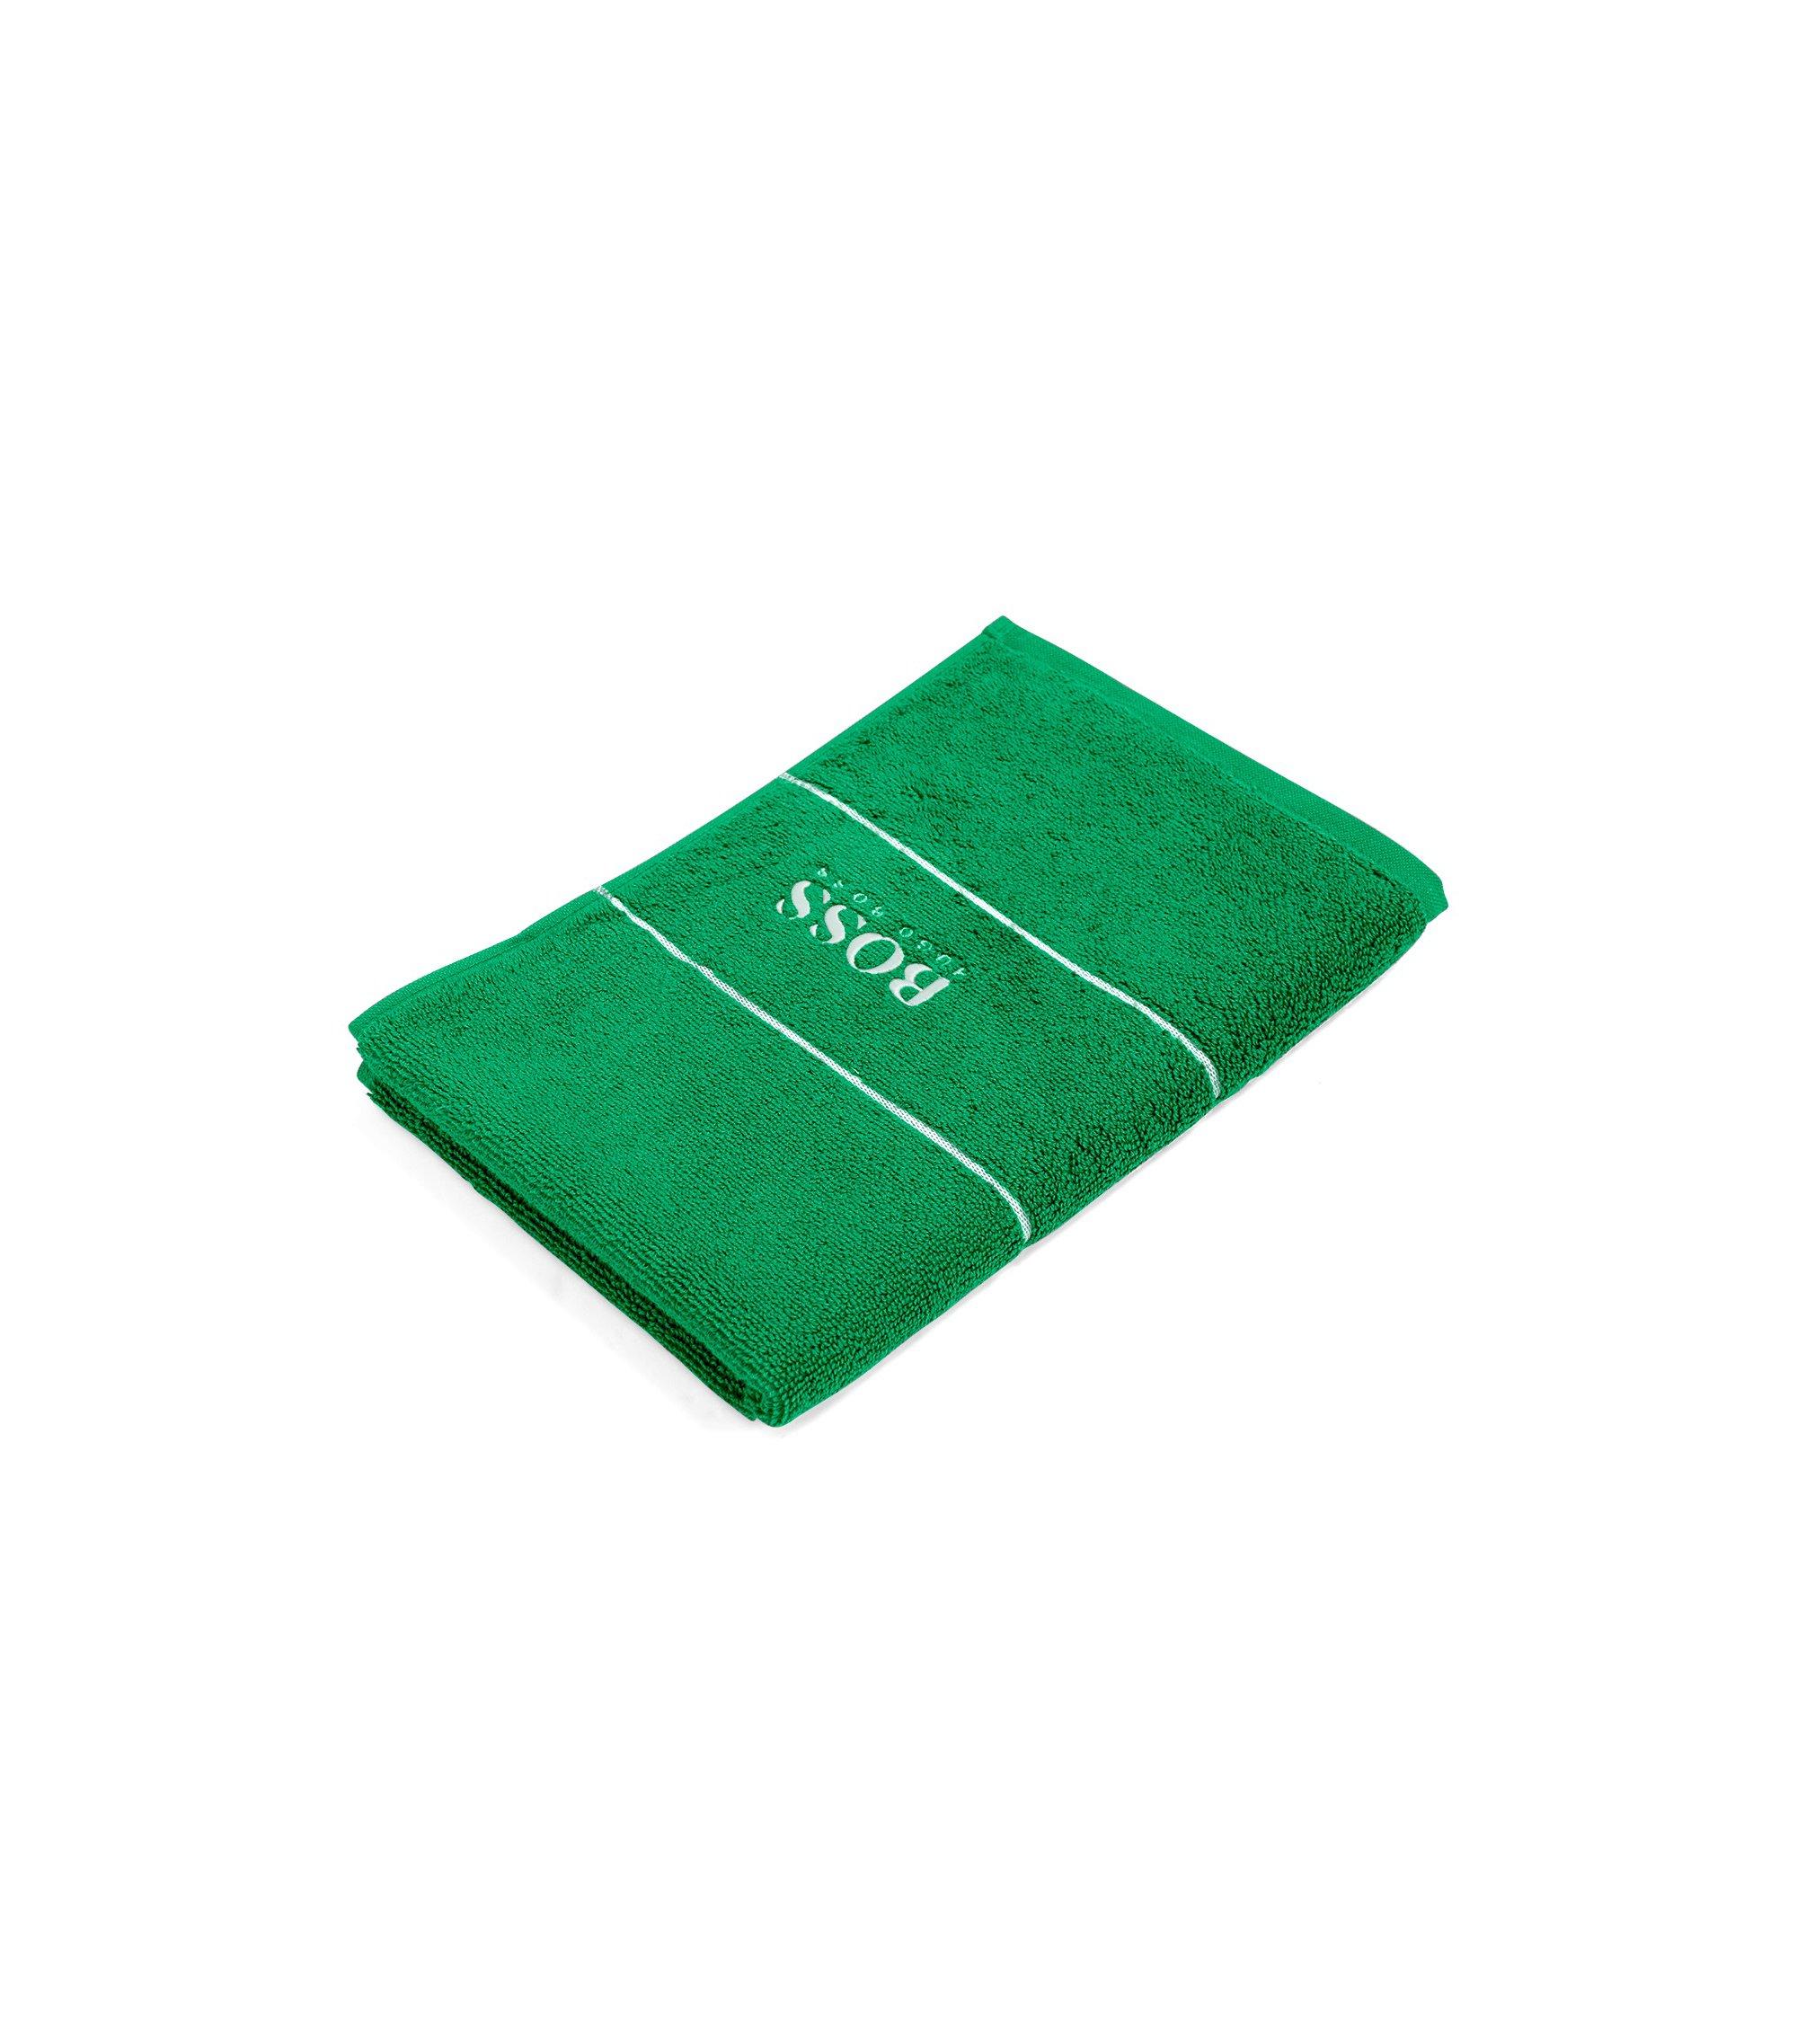 Serviette de toilette pour invité en coton égyptien des plus raffinés avec bordure logo, Vert